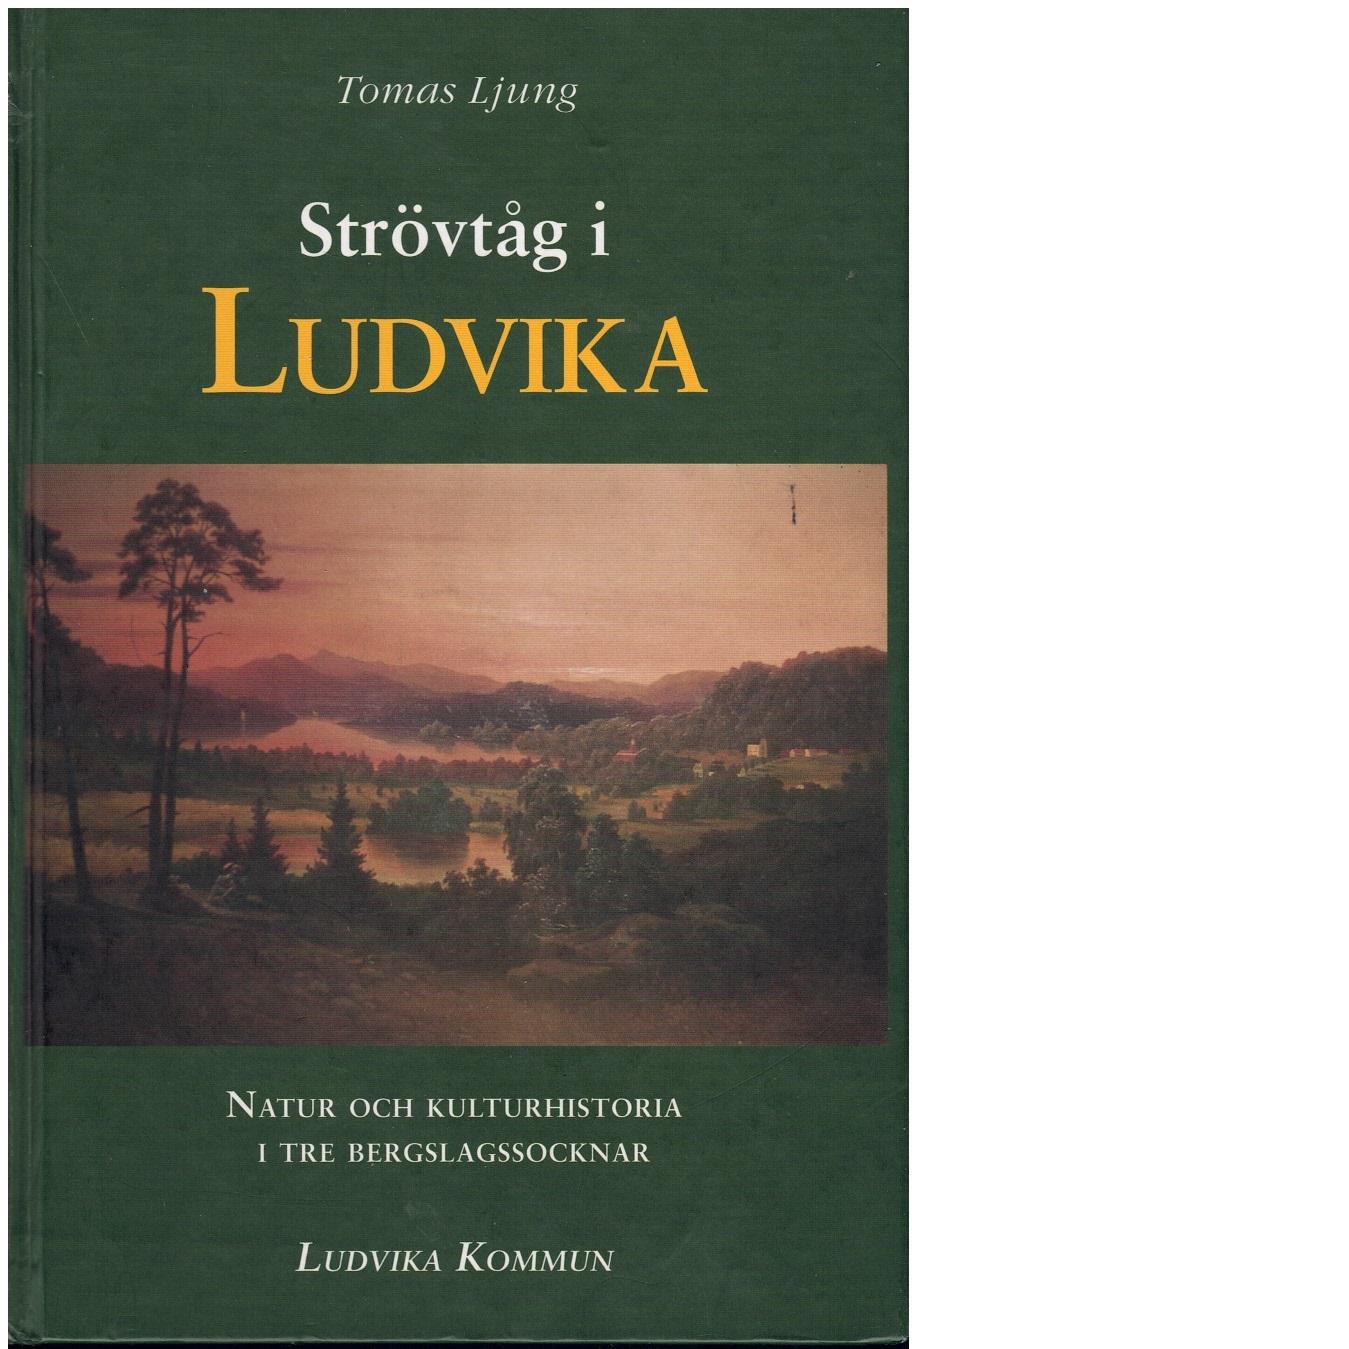 Strövtåg i Ludvika : natur och kulturhistoria i Ludvika, Grangärde och Säfsnäs - Ljung, Tomas